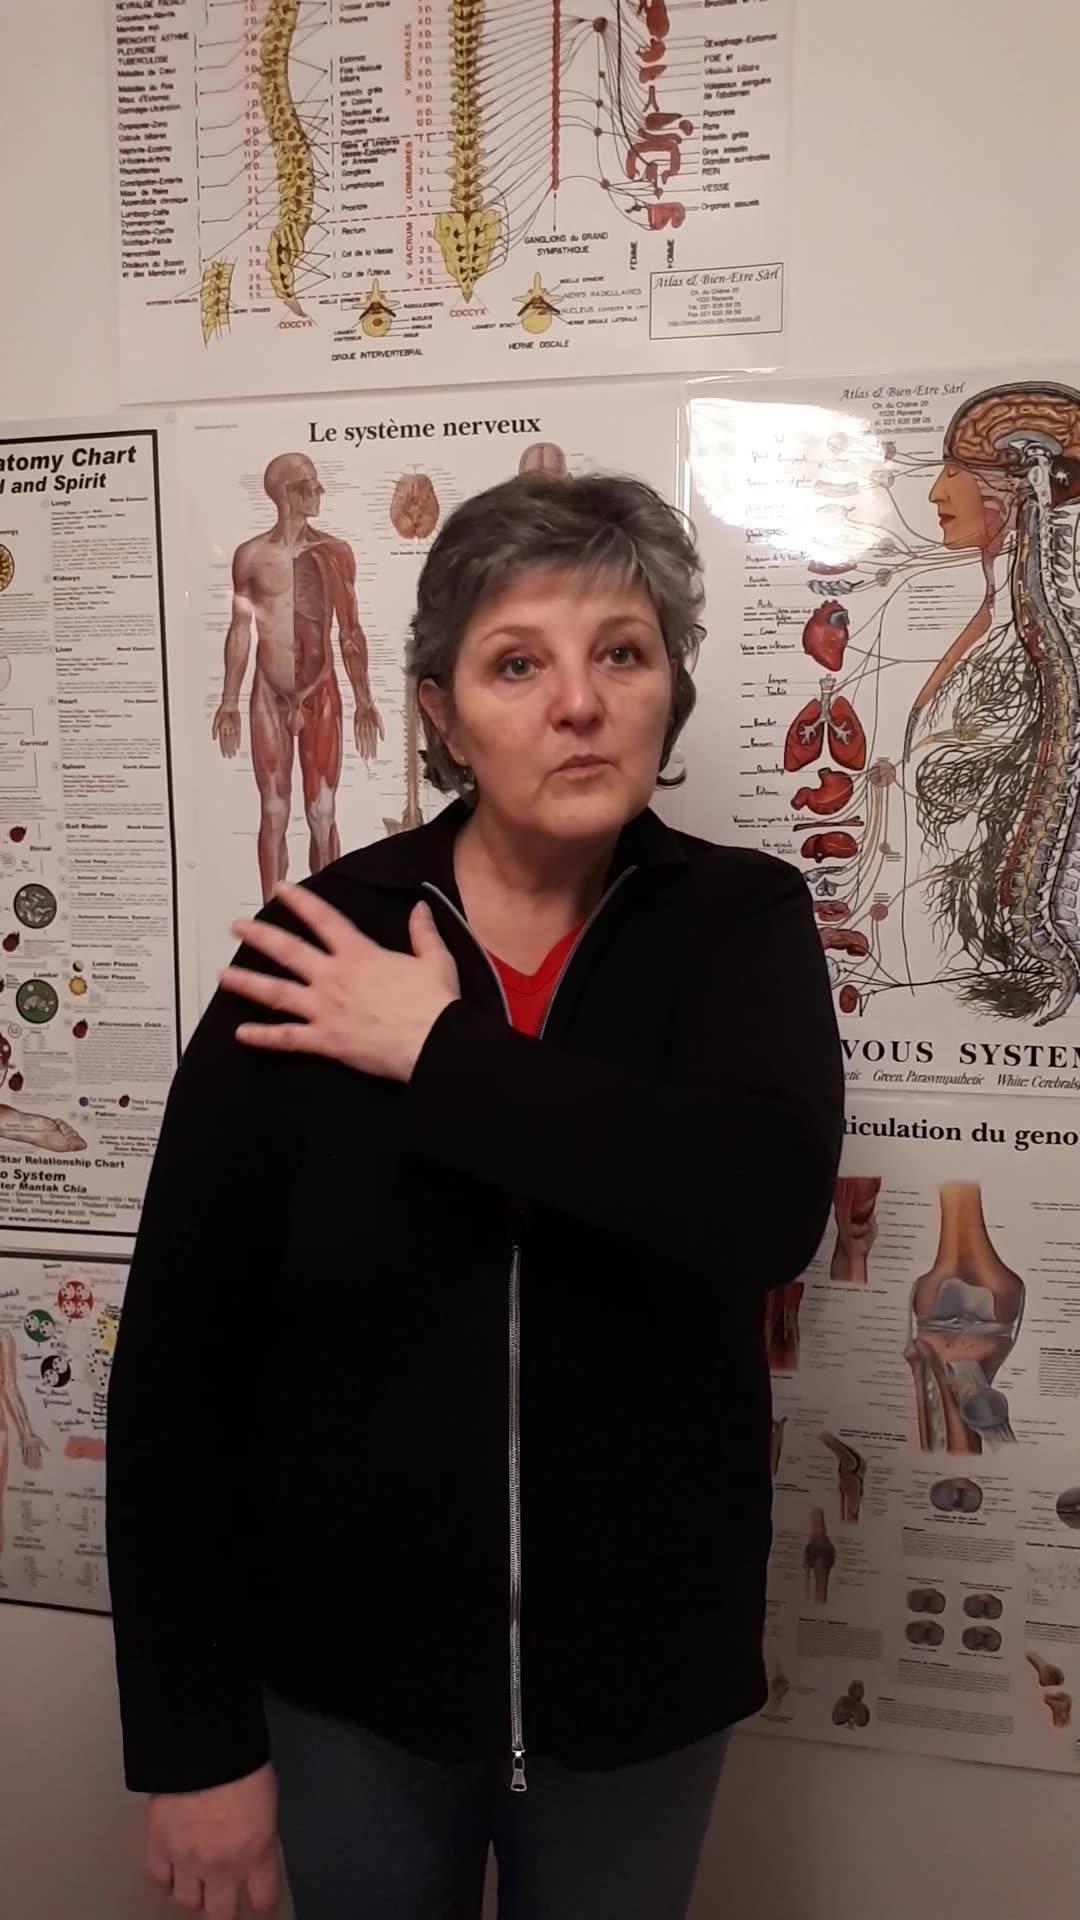 Témoignage de Franca pour une arthrose de l'épaule